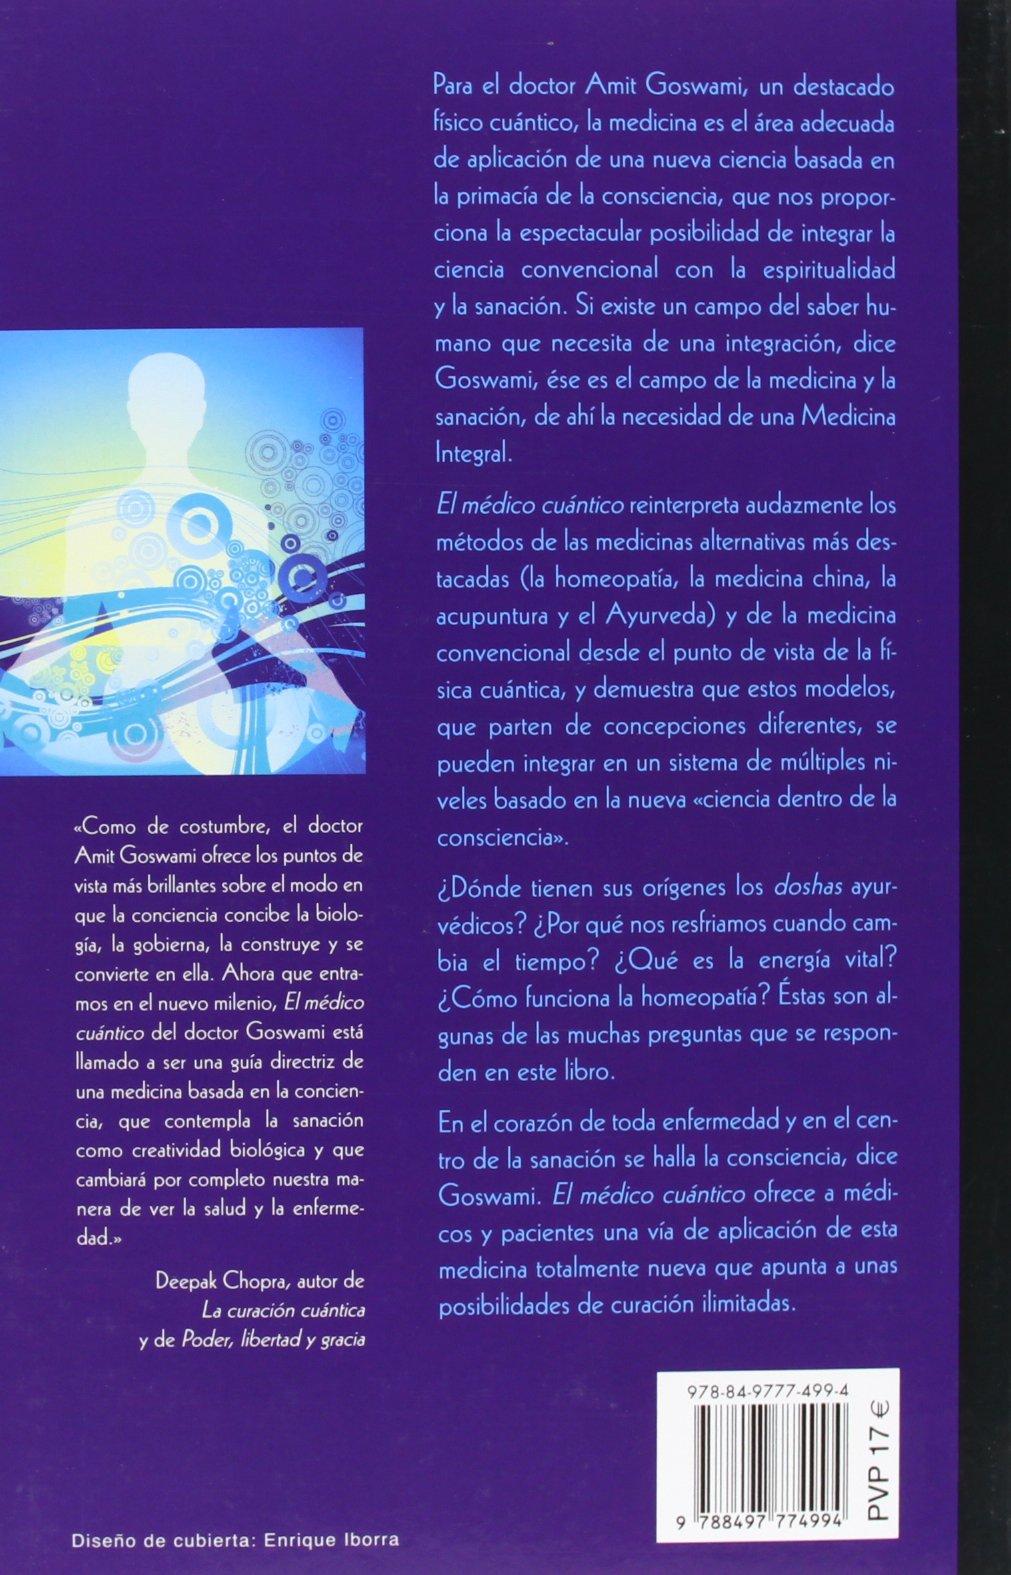 El Medico Cuantico: Guia de La Fisica Cuantica Para La Salud y La Sanacion (Spanish Edition): Amit Goswami: 9788497774994: Amazon.com: Books